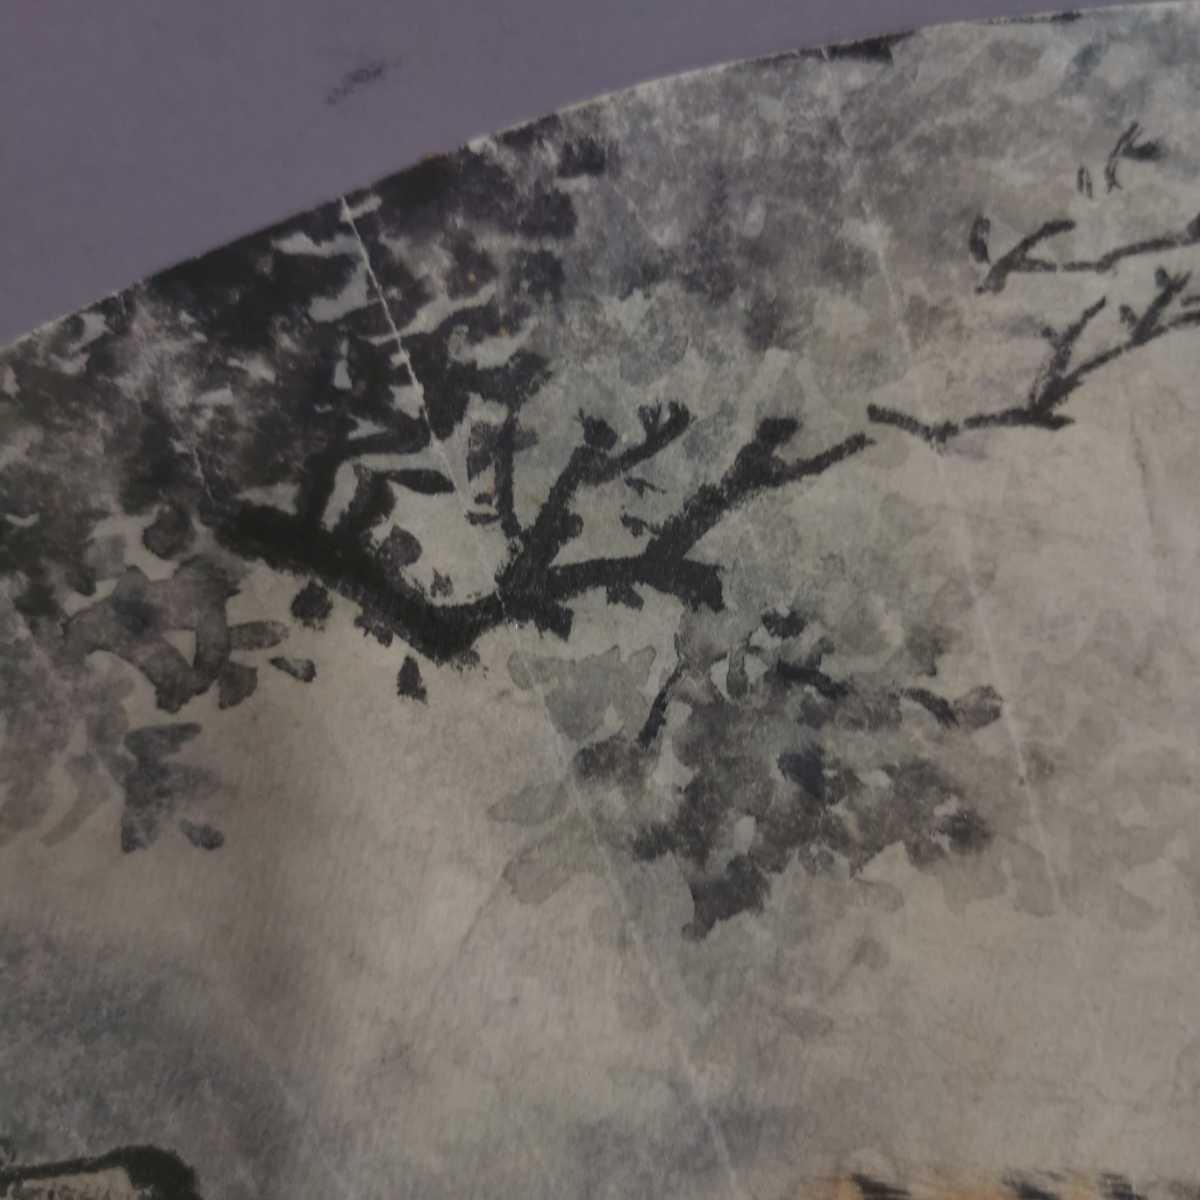 中国美術 扇面 掛軸 虎図 紙本 肉筆保証 掛け軸 時代物 在銘 中国古美術 唐物000307_画像6